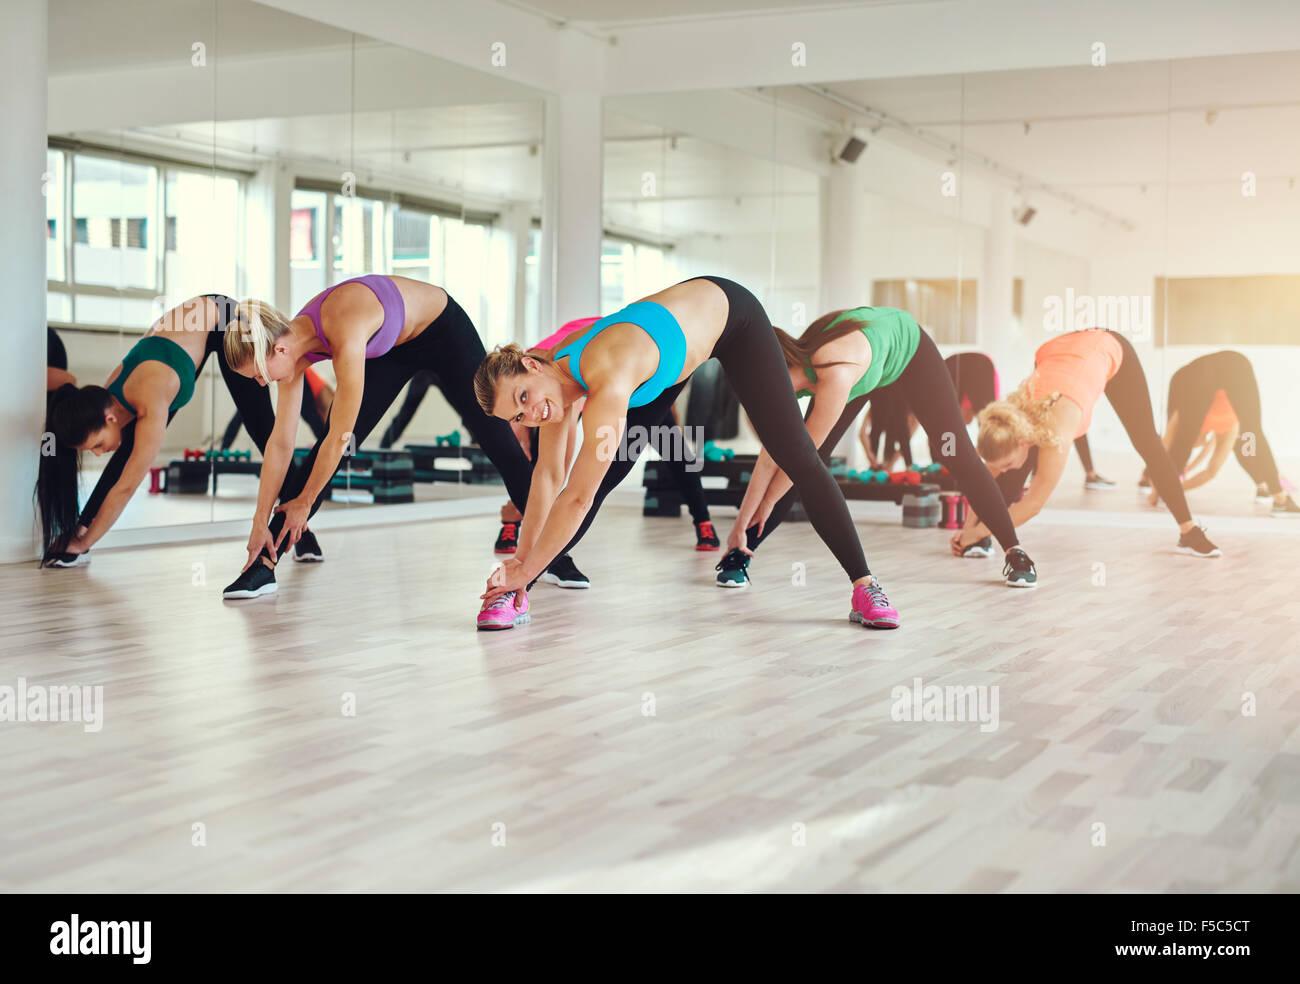 Groupe de femmes de chiffons colorés dans une salle de sport faisant de l'aérobic ou l'échauffement Photo Stock